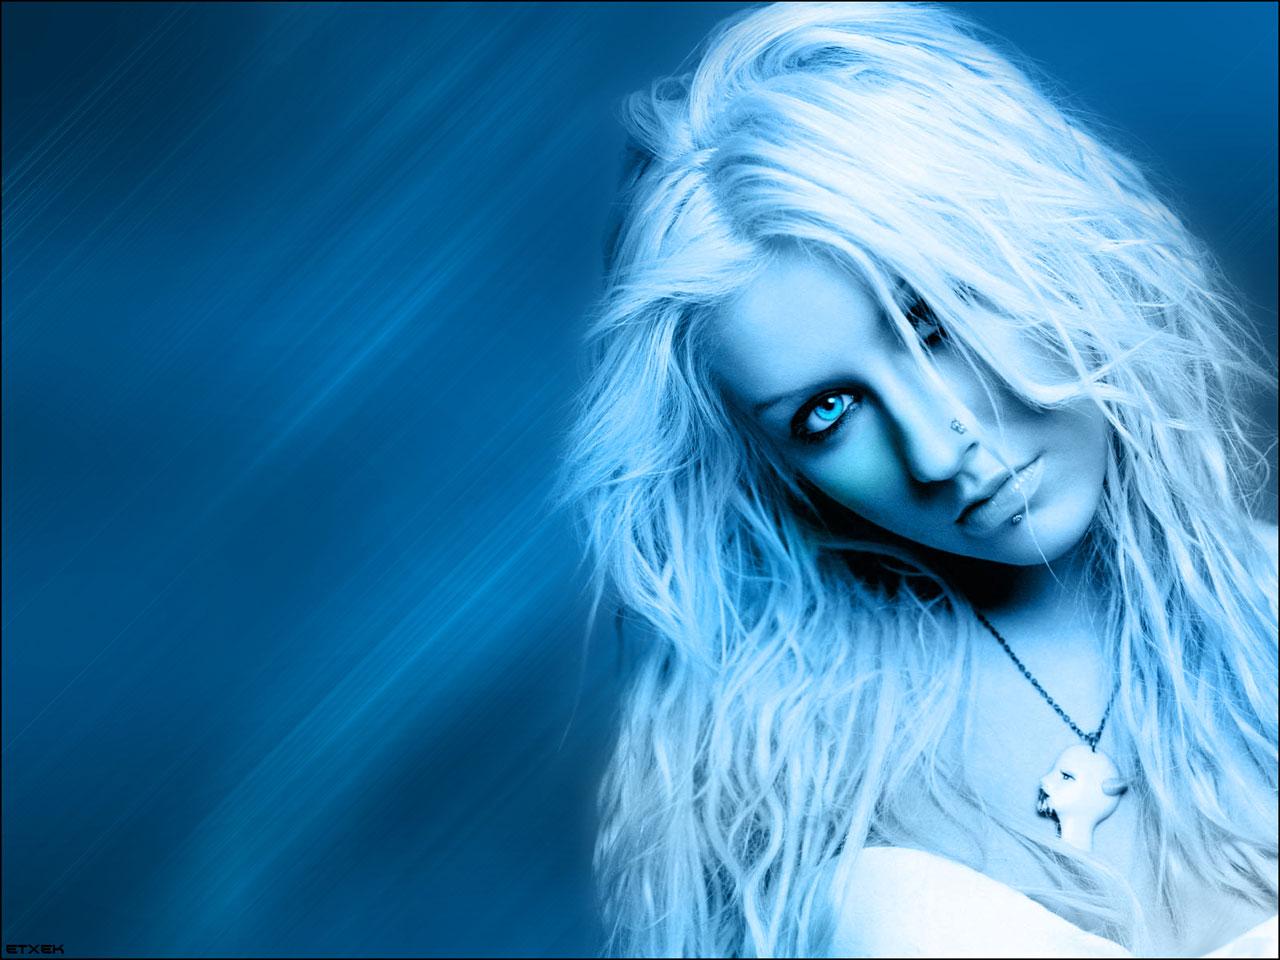 http://2.bp.blogspot.com/-7s1cMen_vKU/Txh04d4Hf5I/AAAAAAAAGEM/TOxCr_TlYAY/s1600/blondy-christina-aguilera.jpg